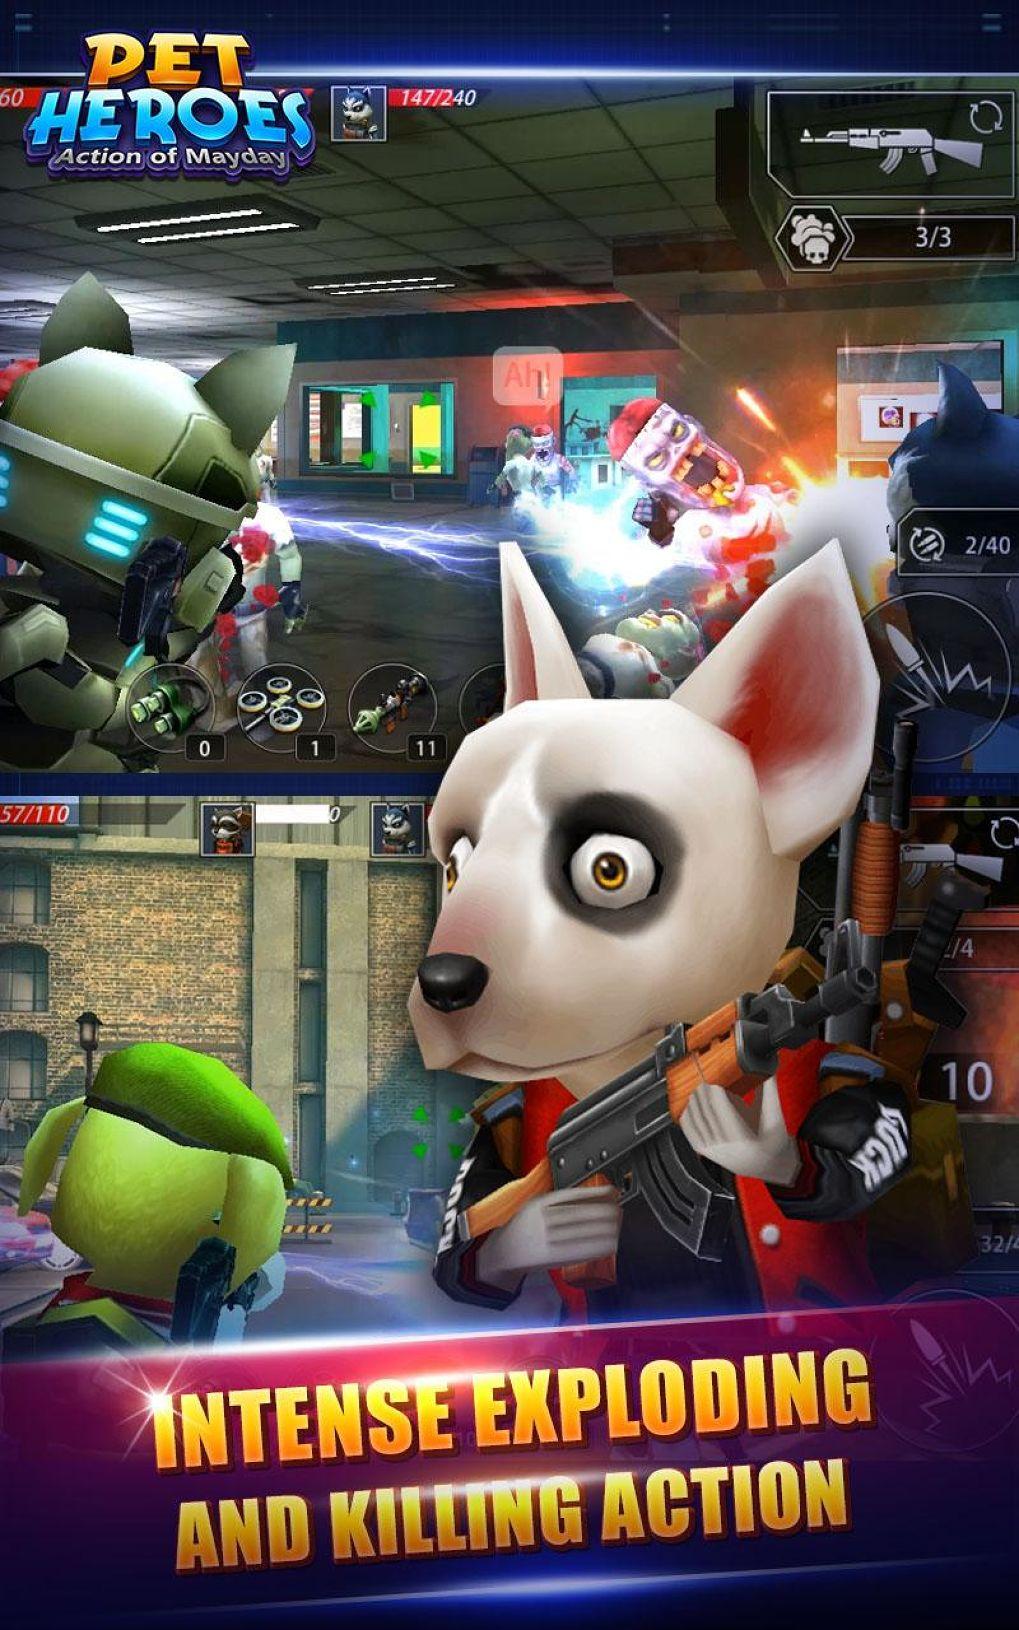 สงครามหมาแมว !! Action of Mayday: Pet Heroes เมื่อเหล่าหมาแมวต้องมากู้โลก !!